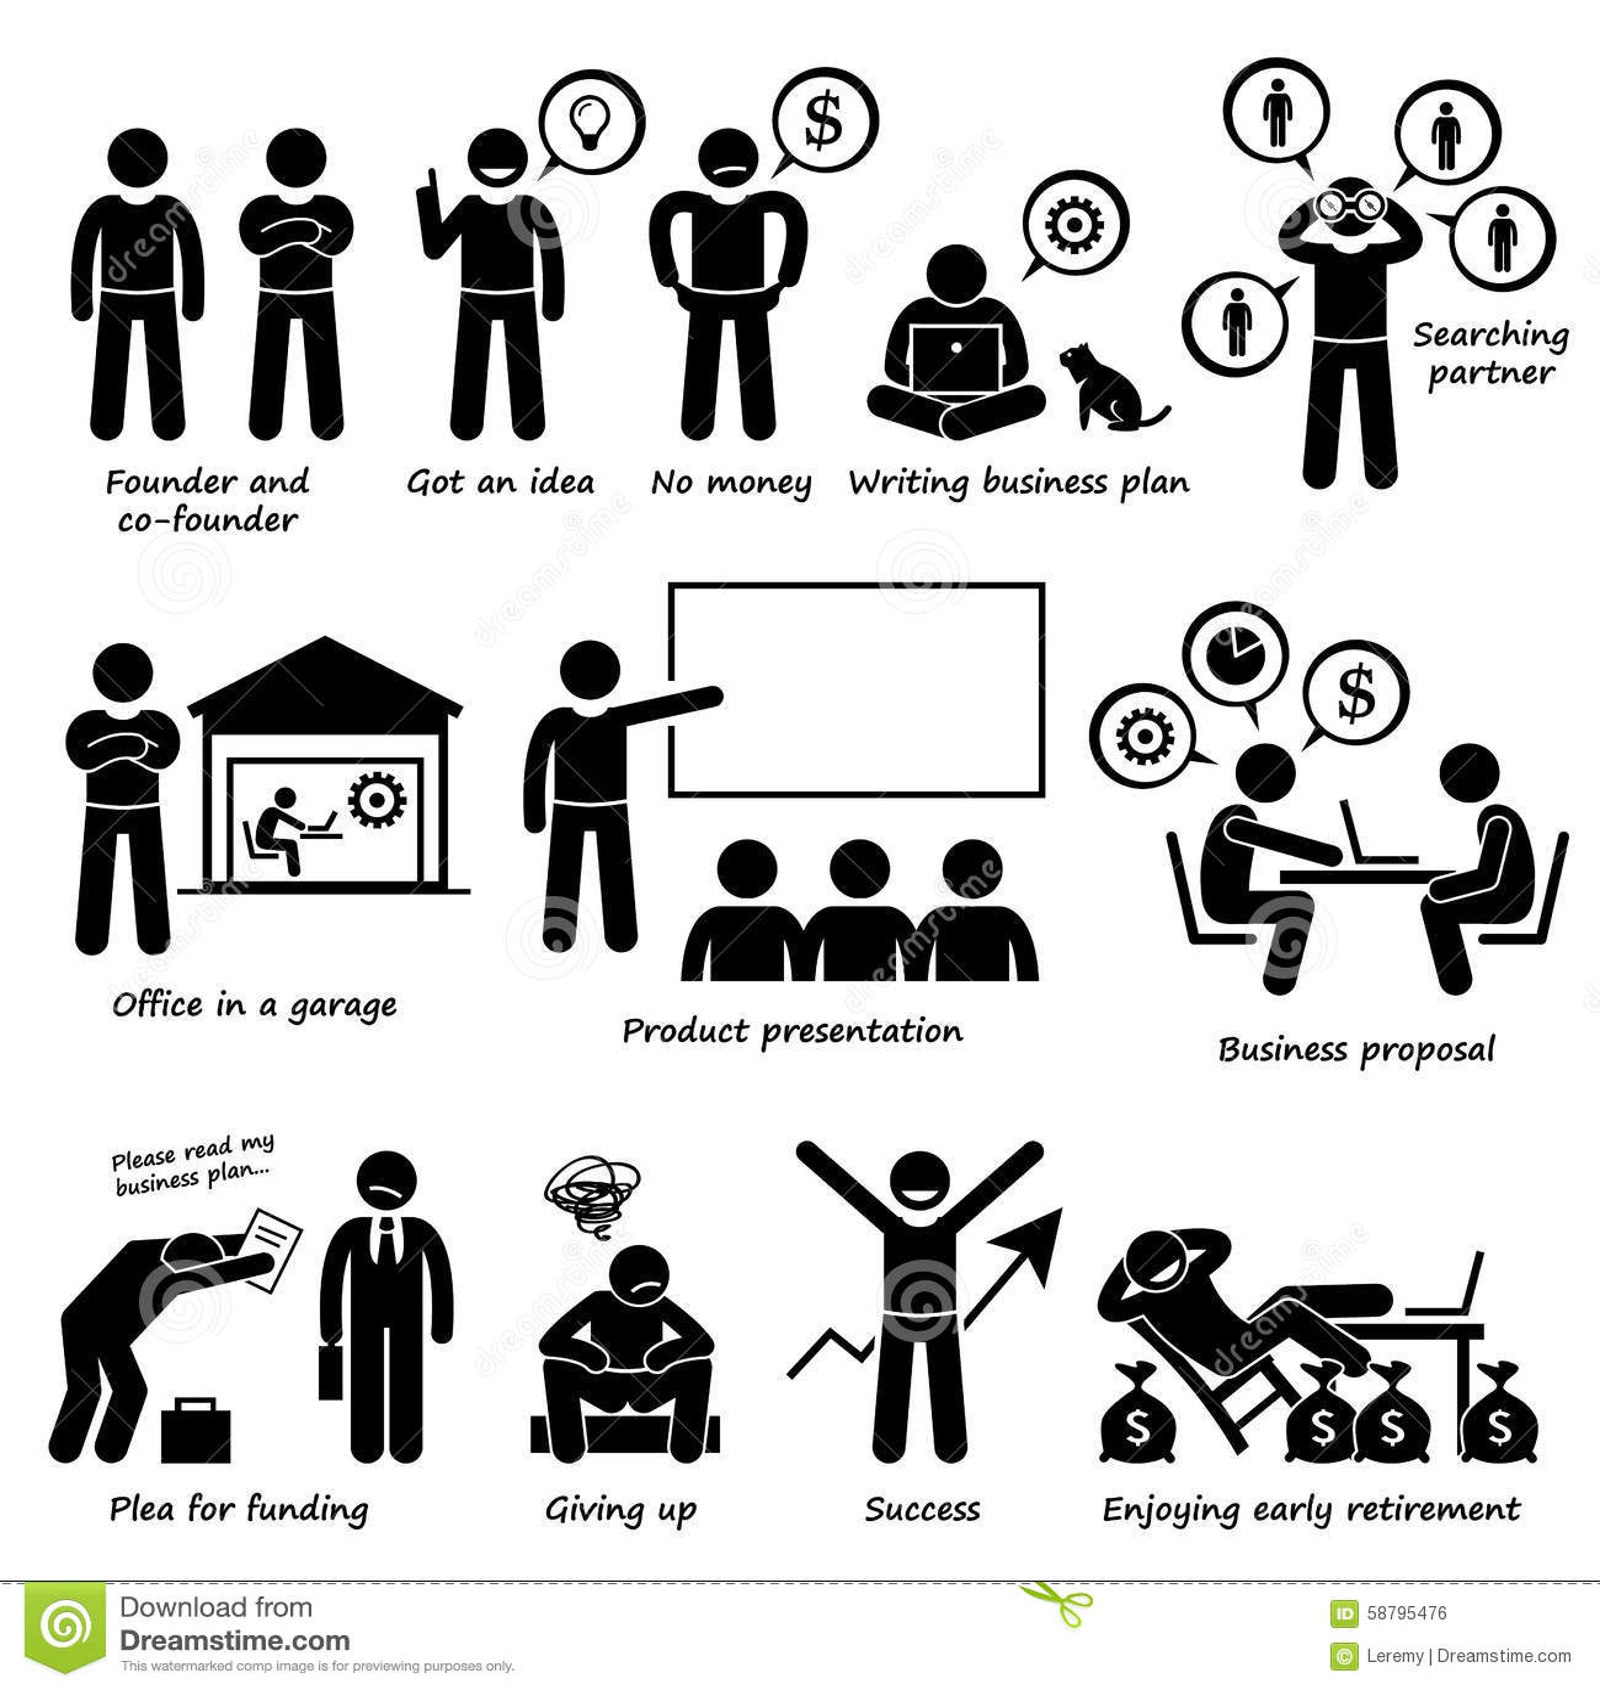 淘师湾作业网_infotech.51taoshi.com_课件资源_乐学网